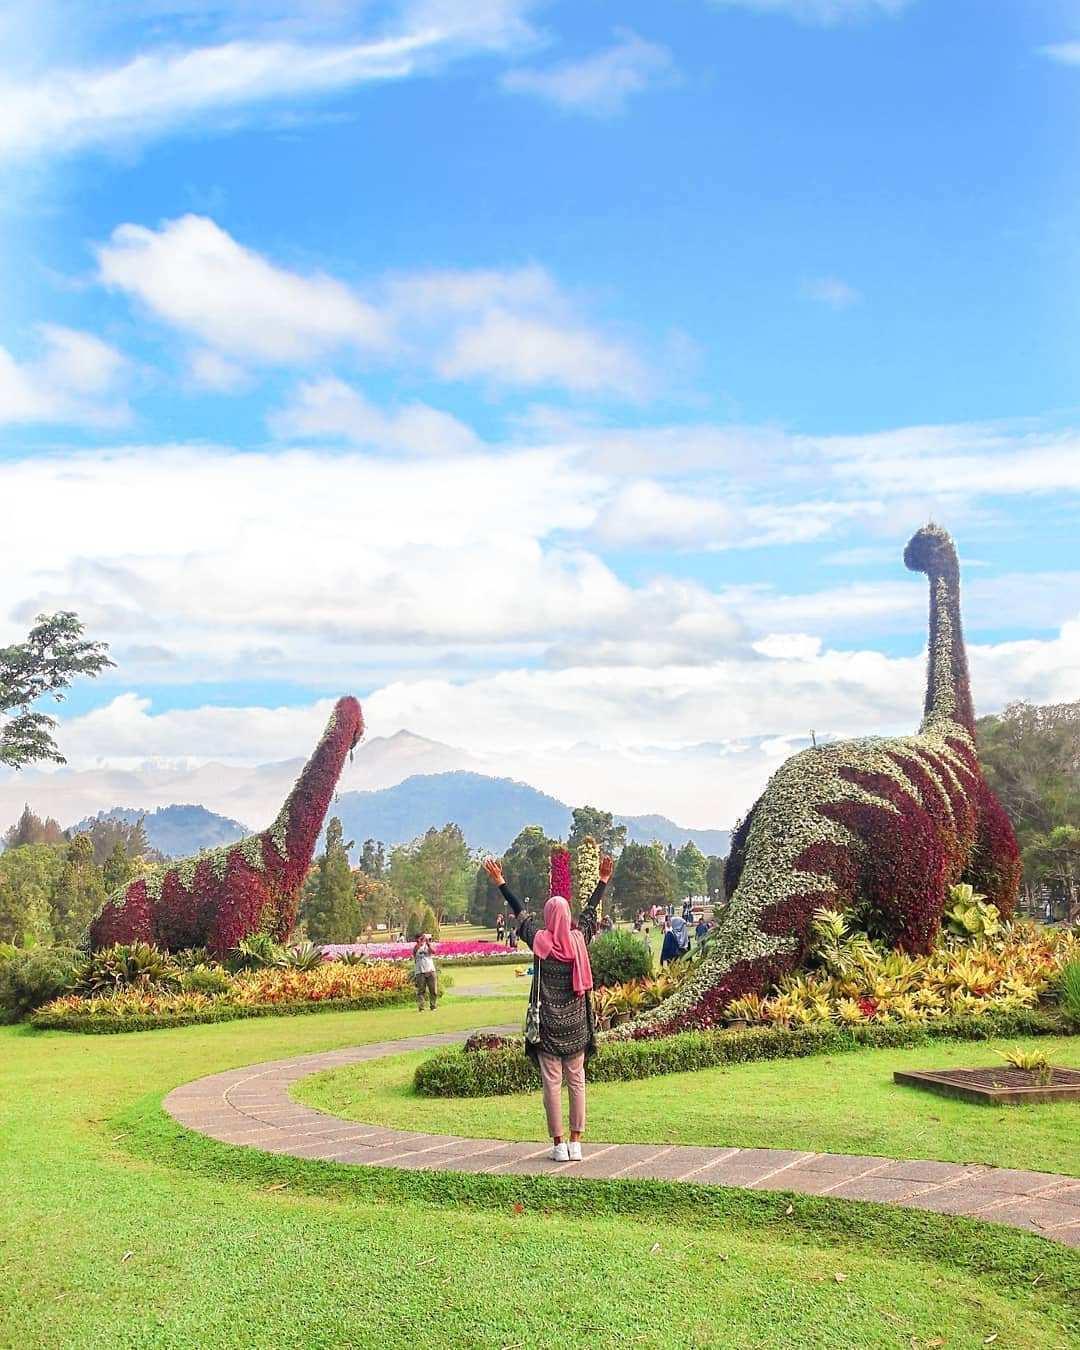 Taman Bunga Nusantara Dengan Pemandangan Dinosaurus Image From @elsa_tumbir